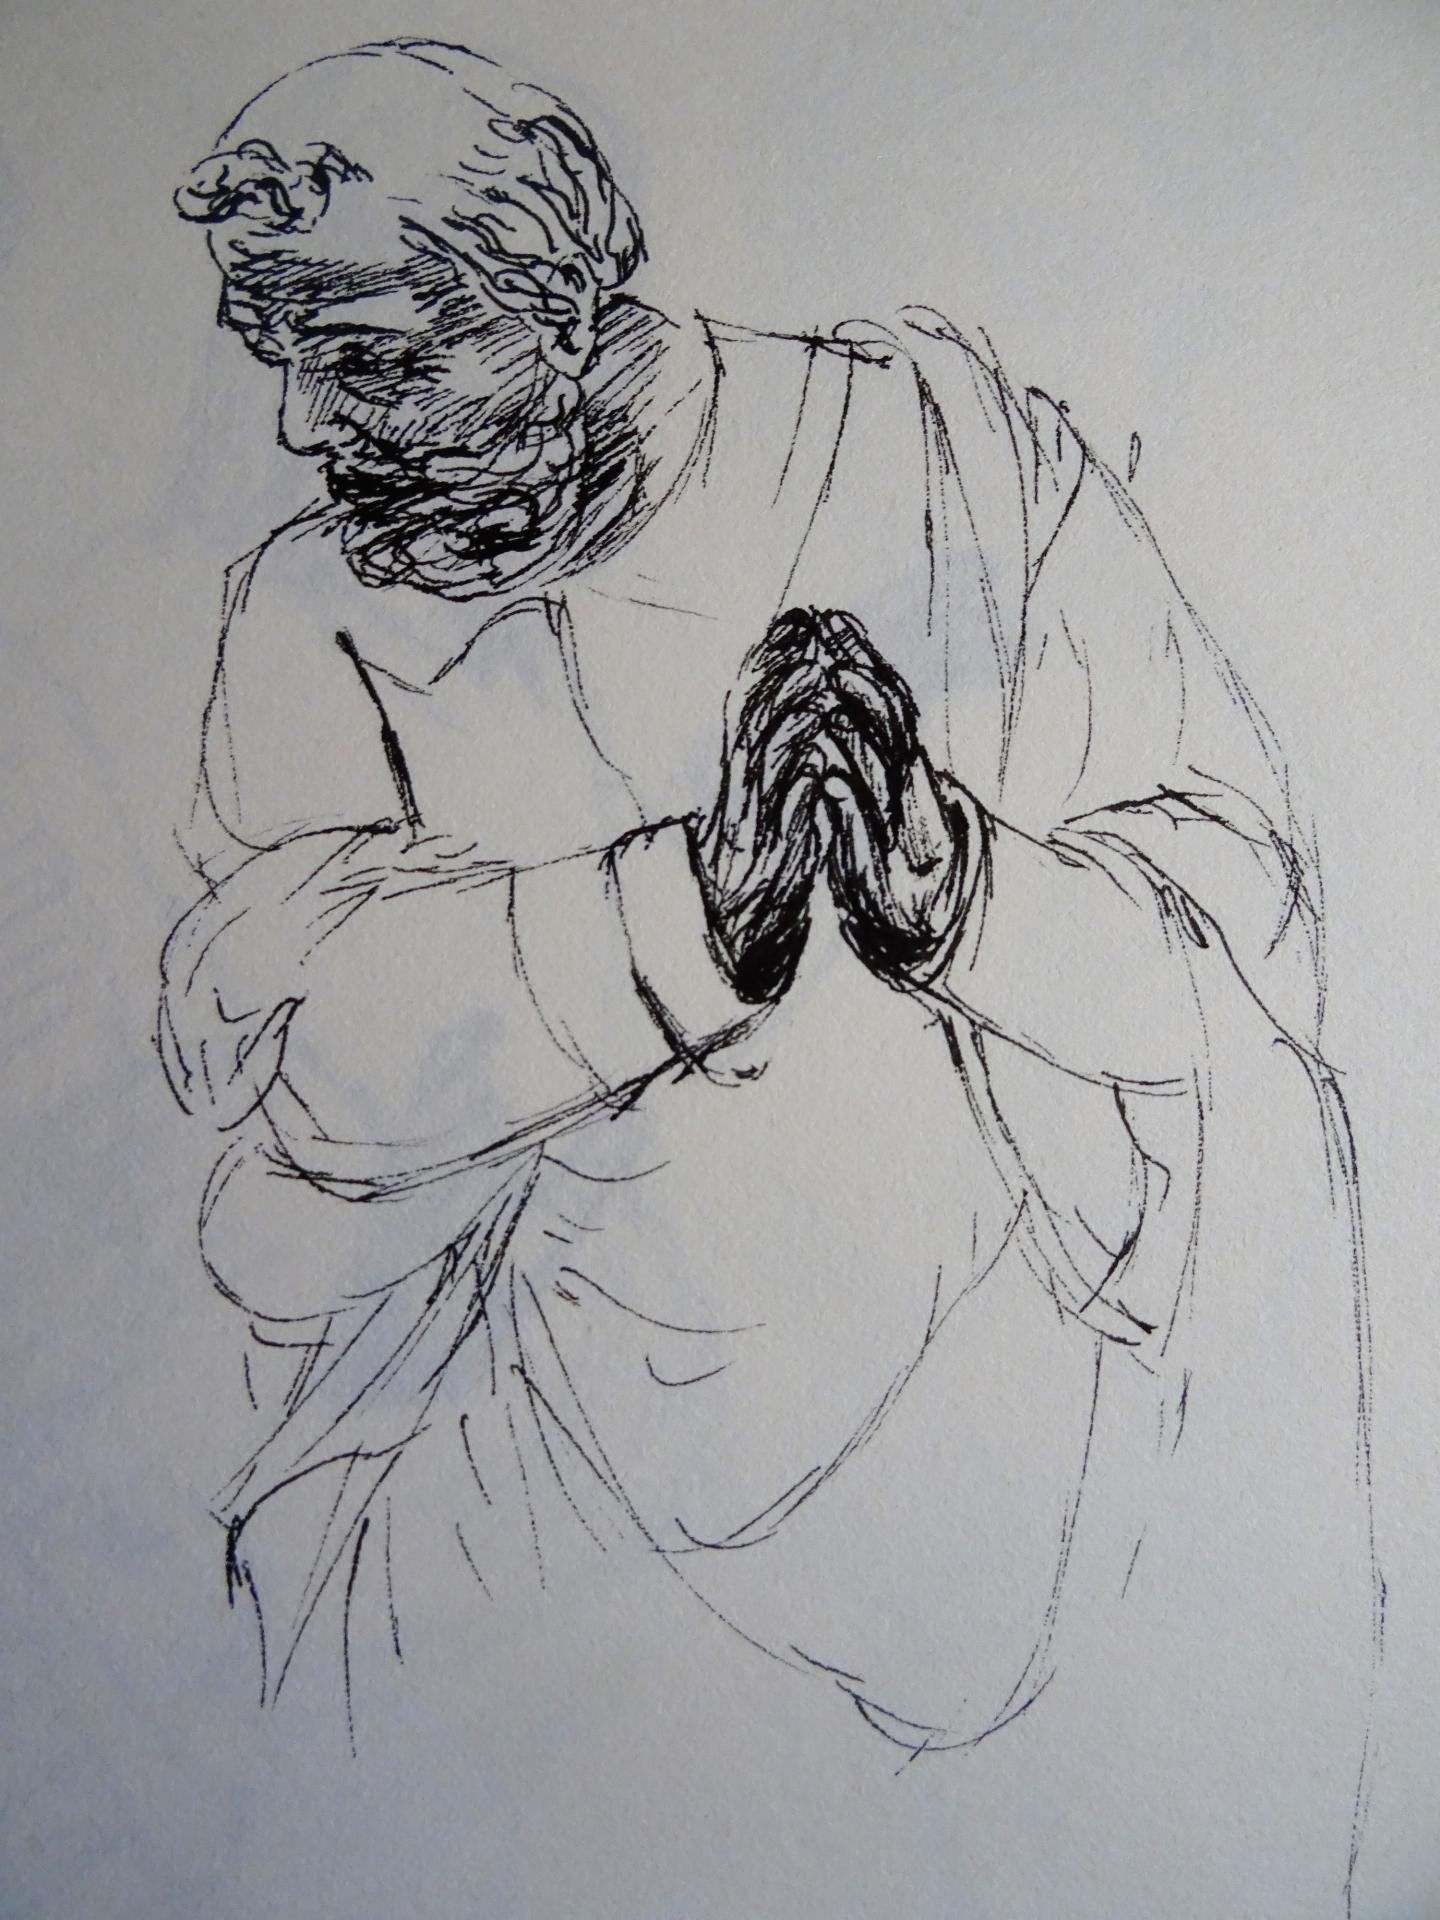 Solesmes dessin a la plume de jean joseph chevalier 53